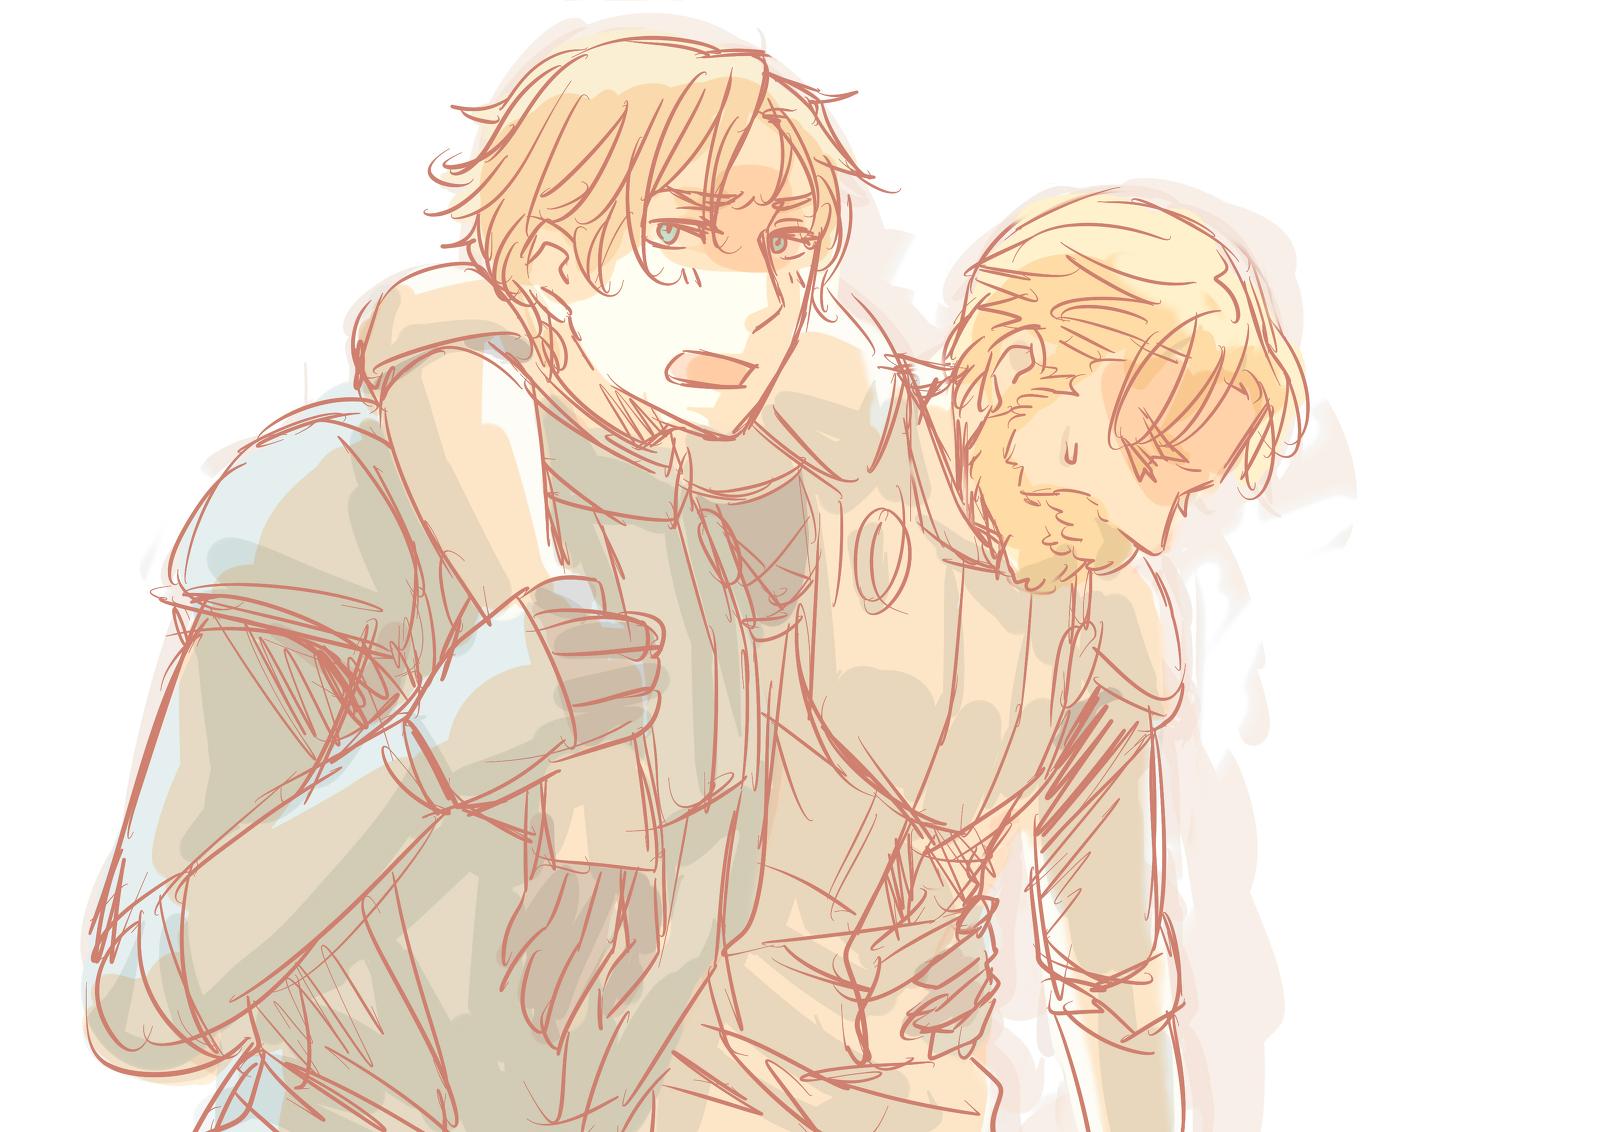 Anakin Skywalker - Star Wars | page 2 of 4 - Zerochan Anime